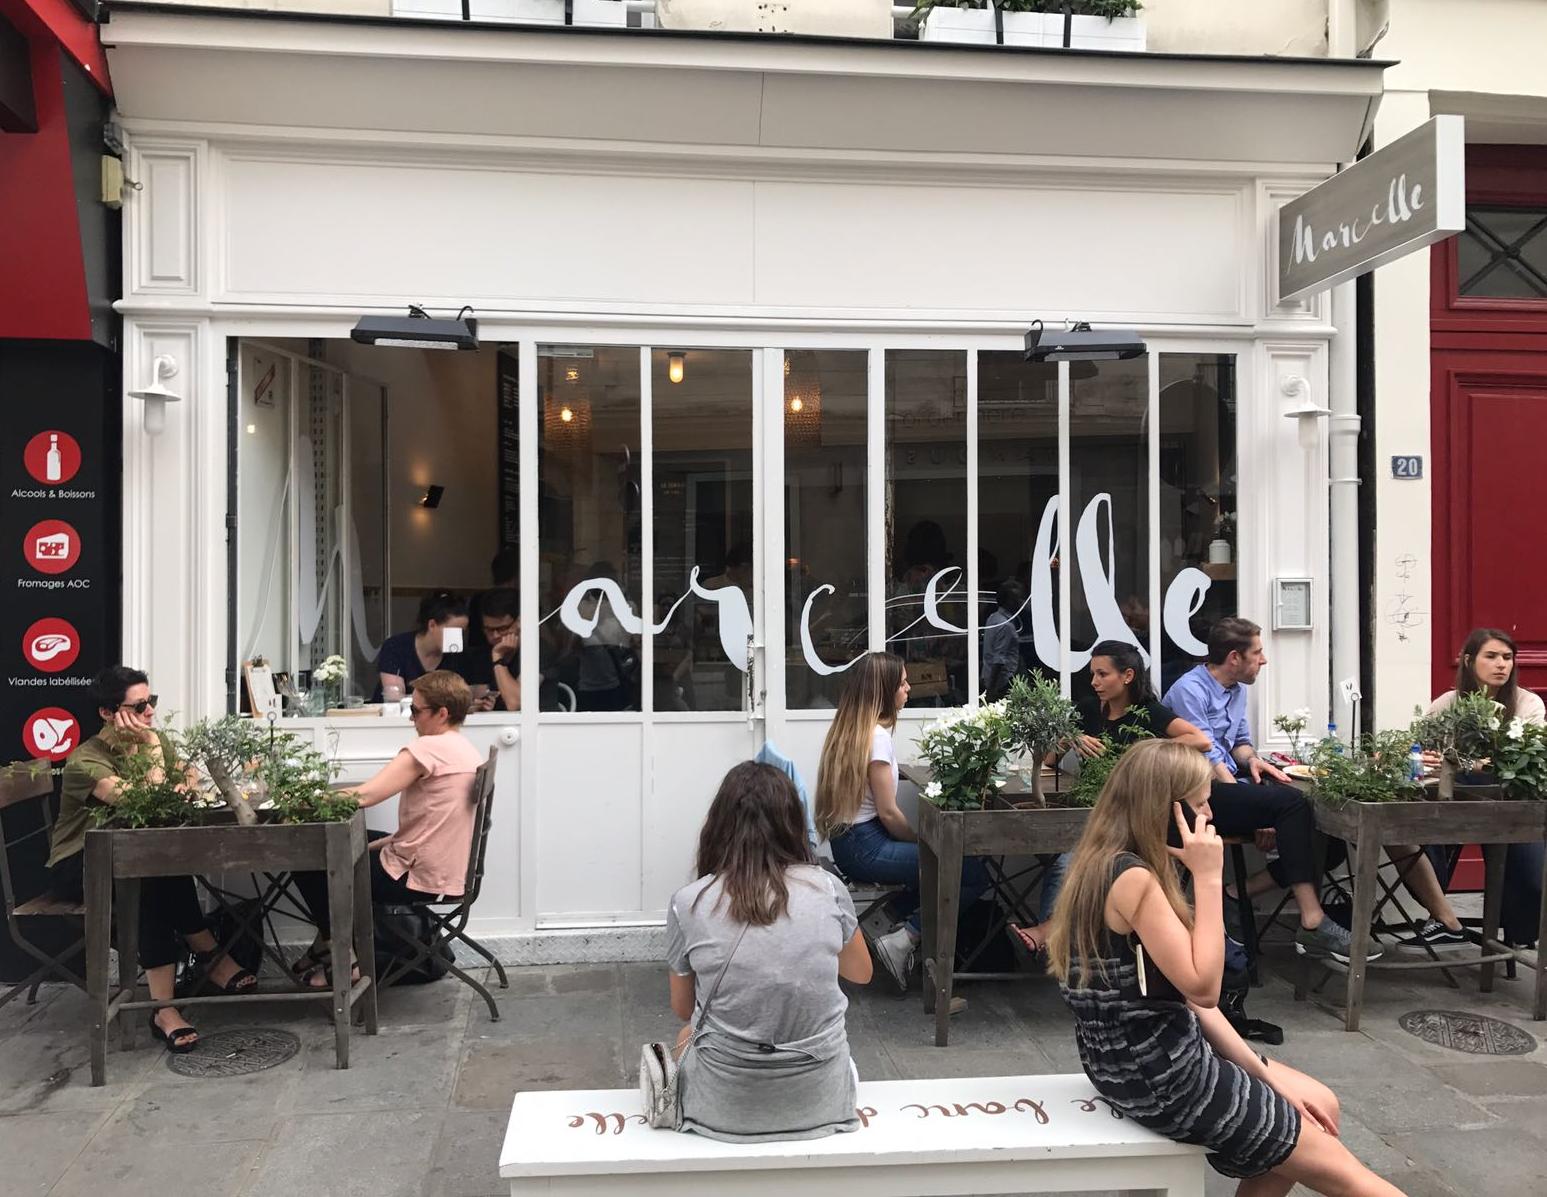 Restaurant Marcelle